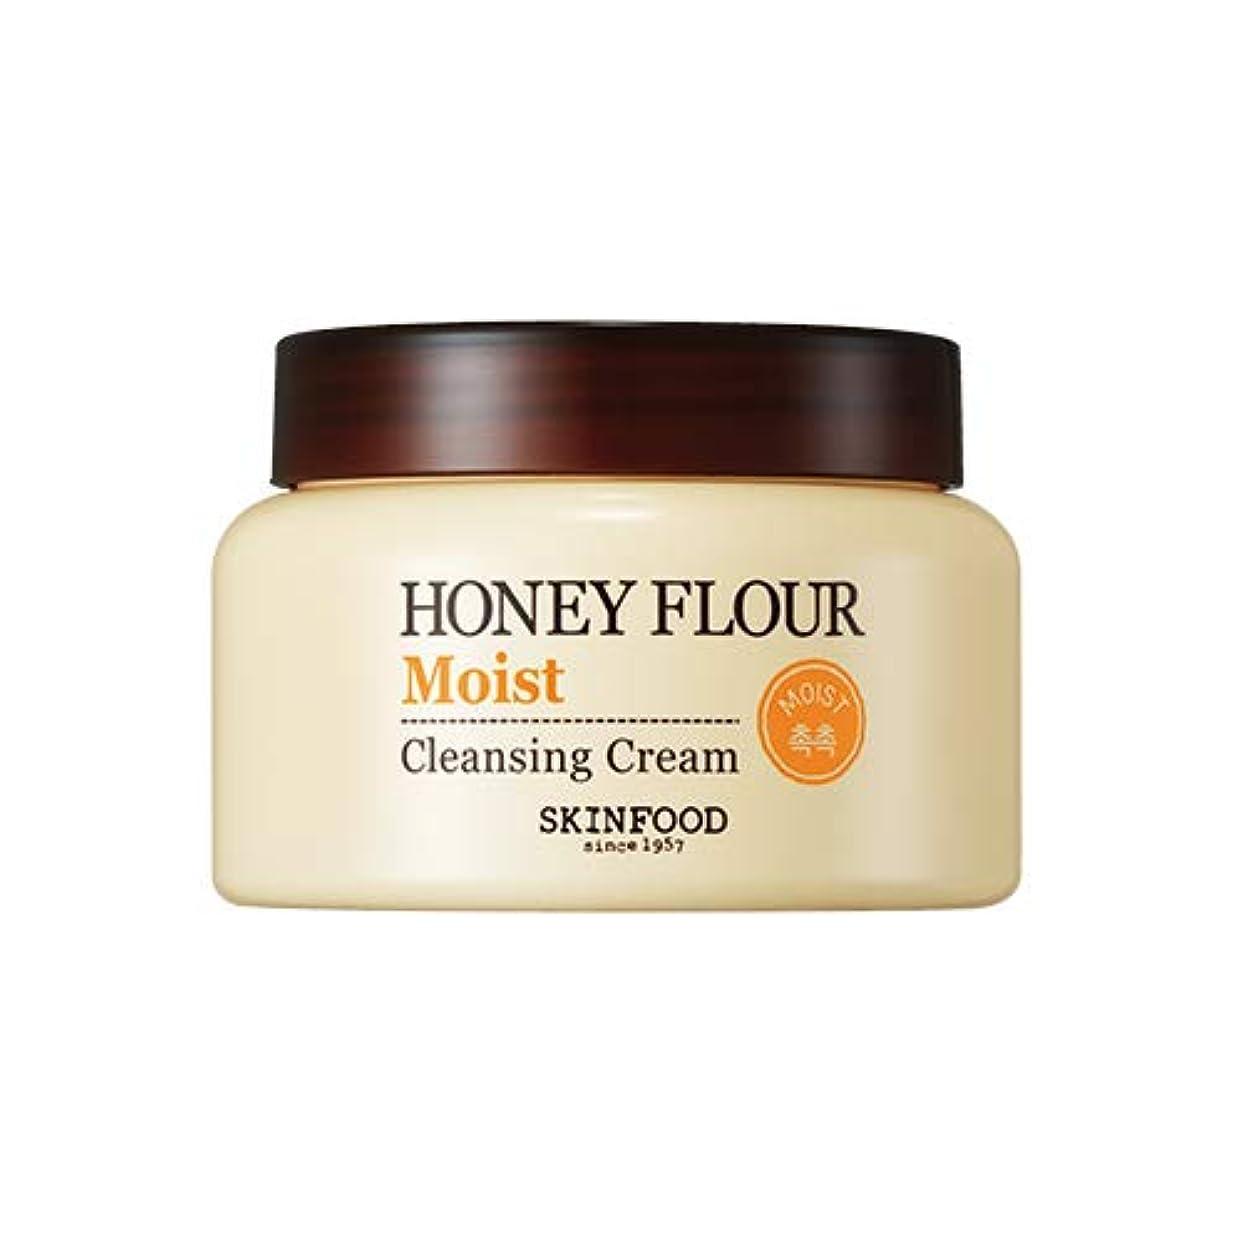 バース大胆不敵大型トラックSkinfood/Honey Flour Moist Cleansing Cream/ハニーフラワーモイストクレンジングクリーム/225ml [並行輸入品]